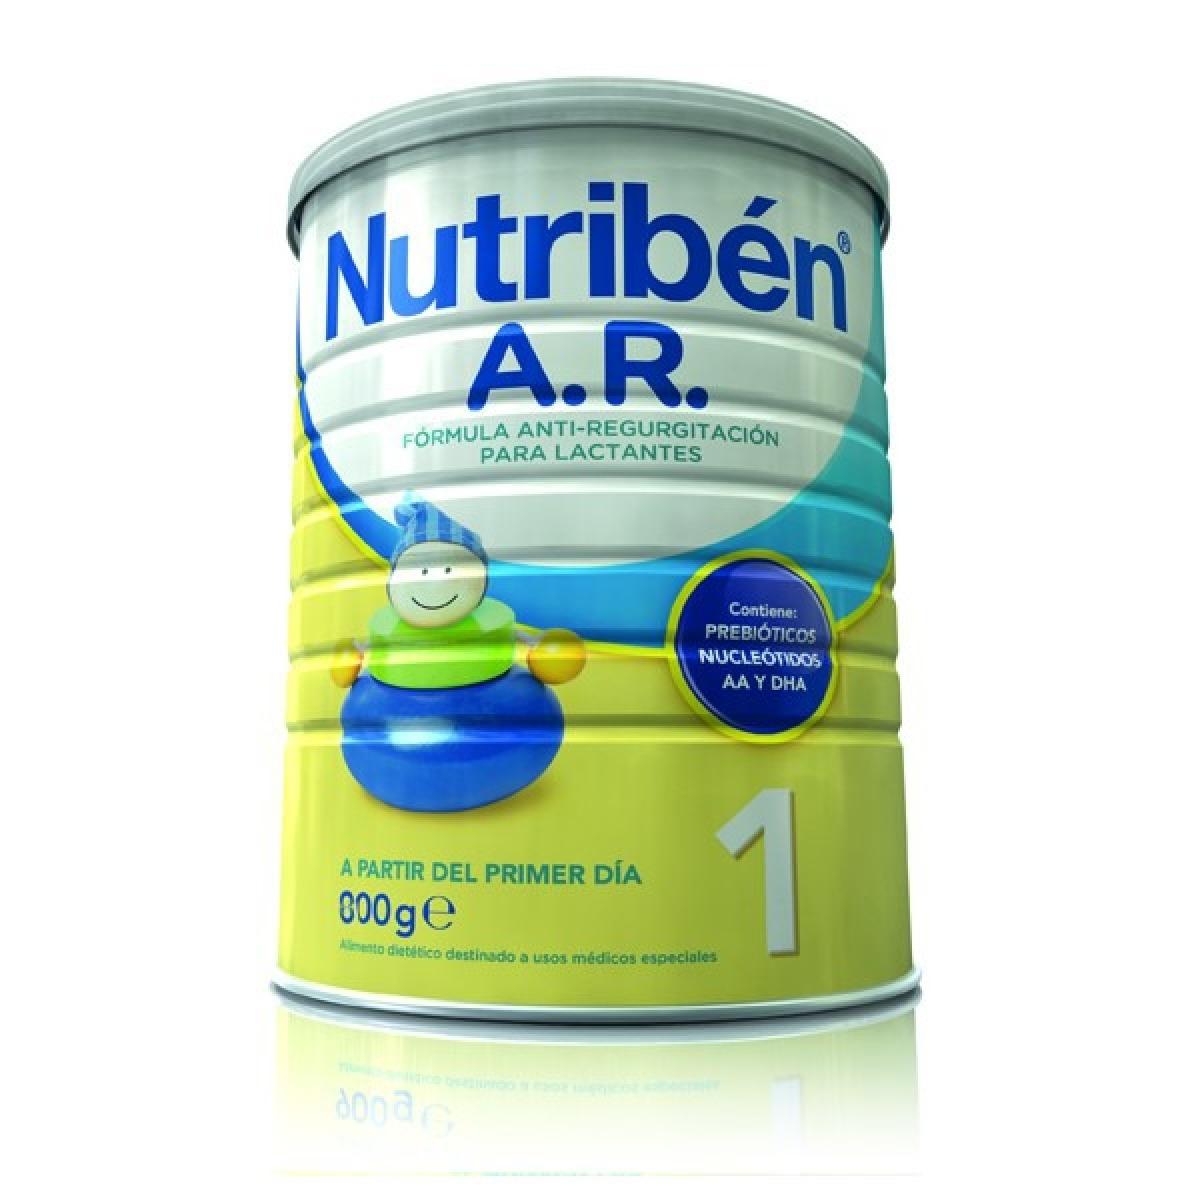 NUTRIBEN A.R. 1 800 G.